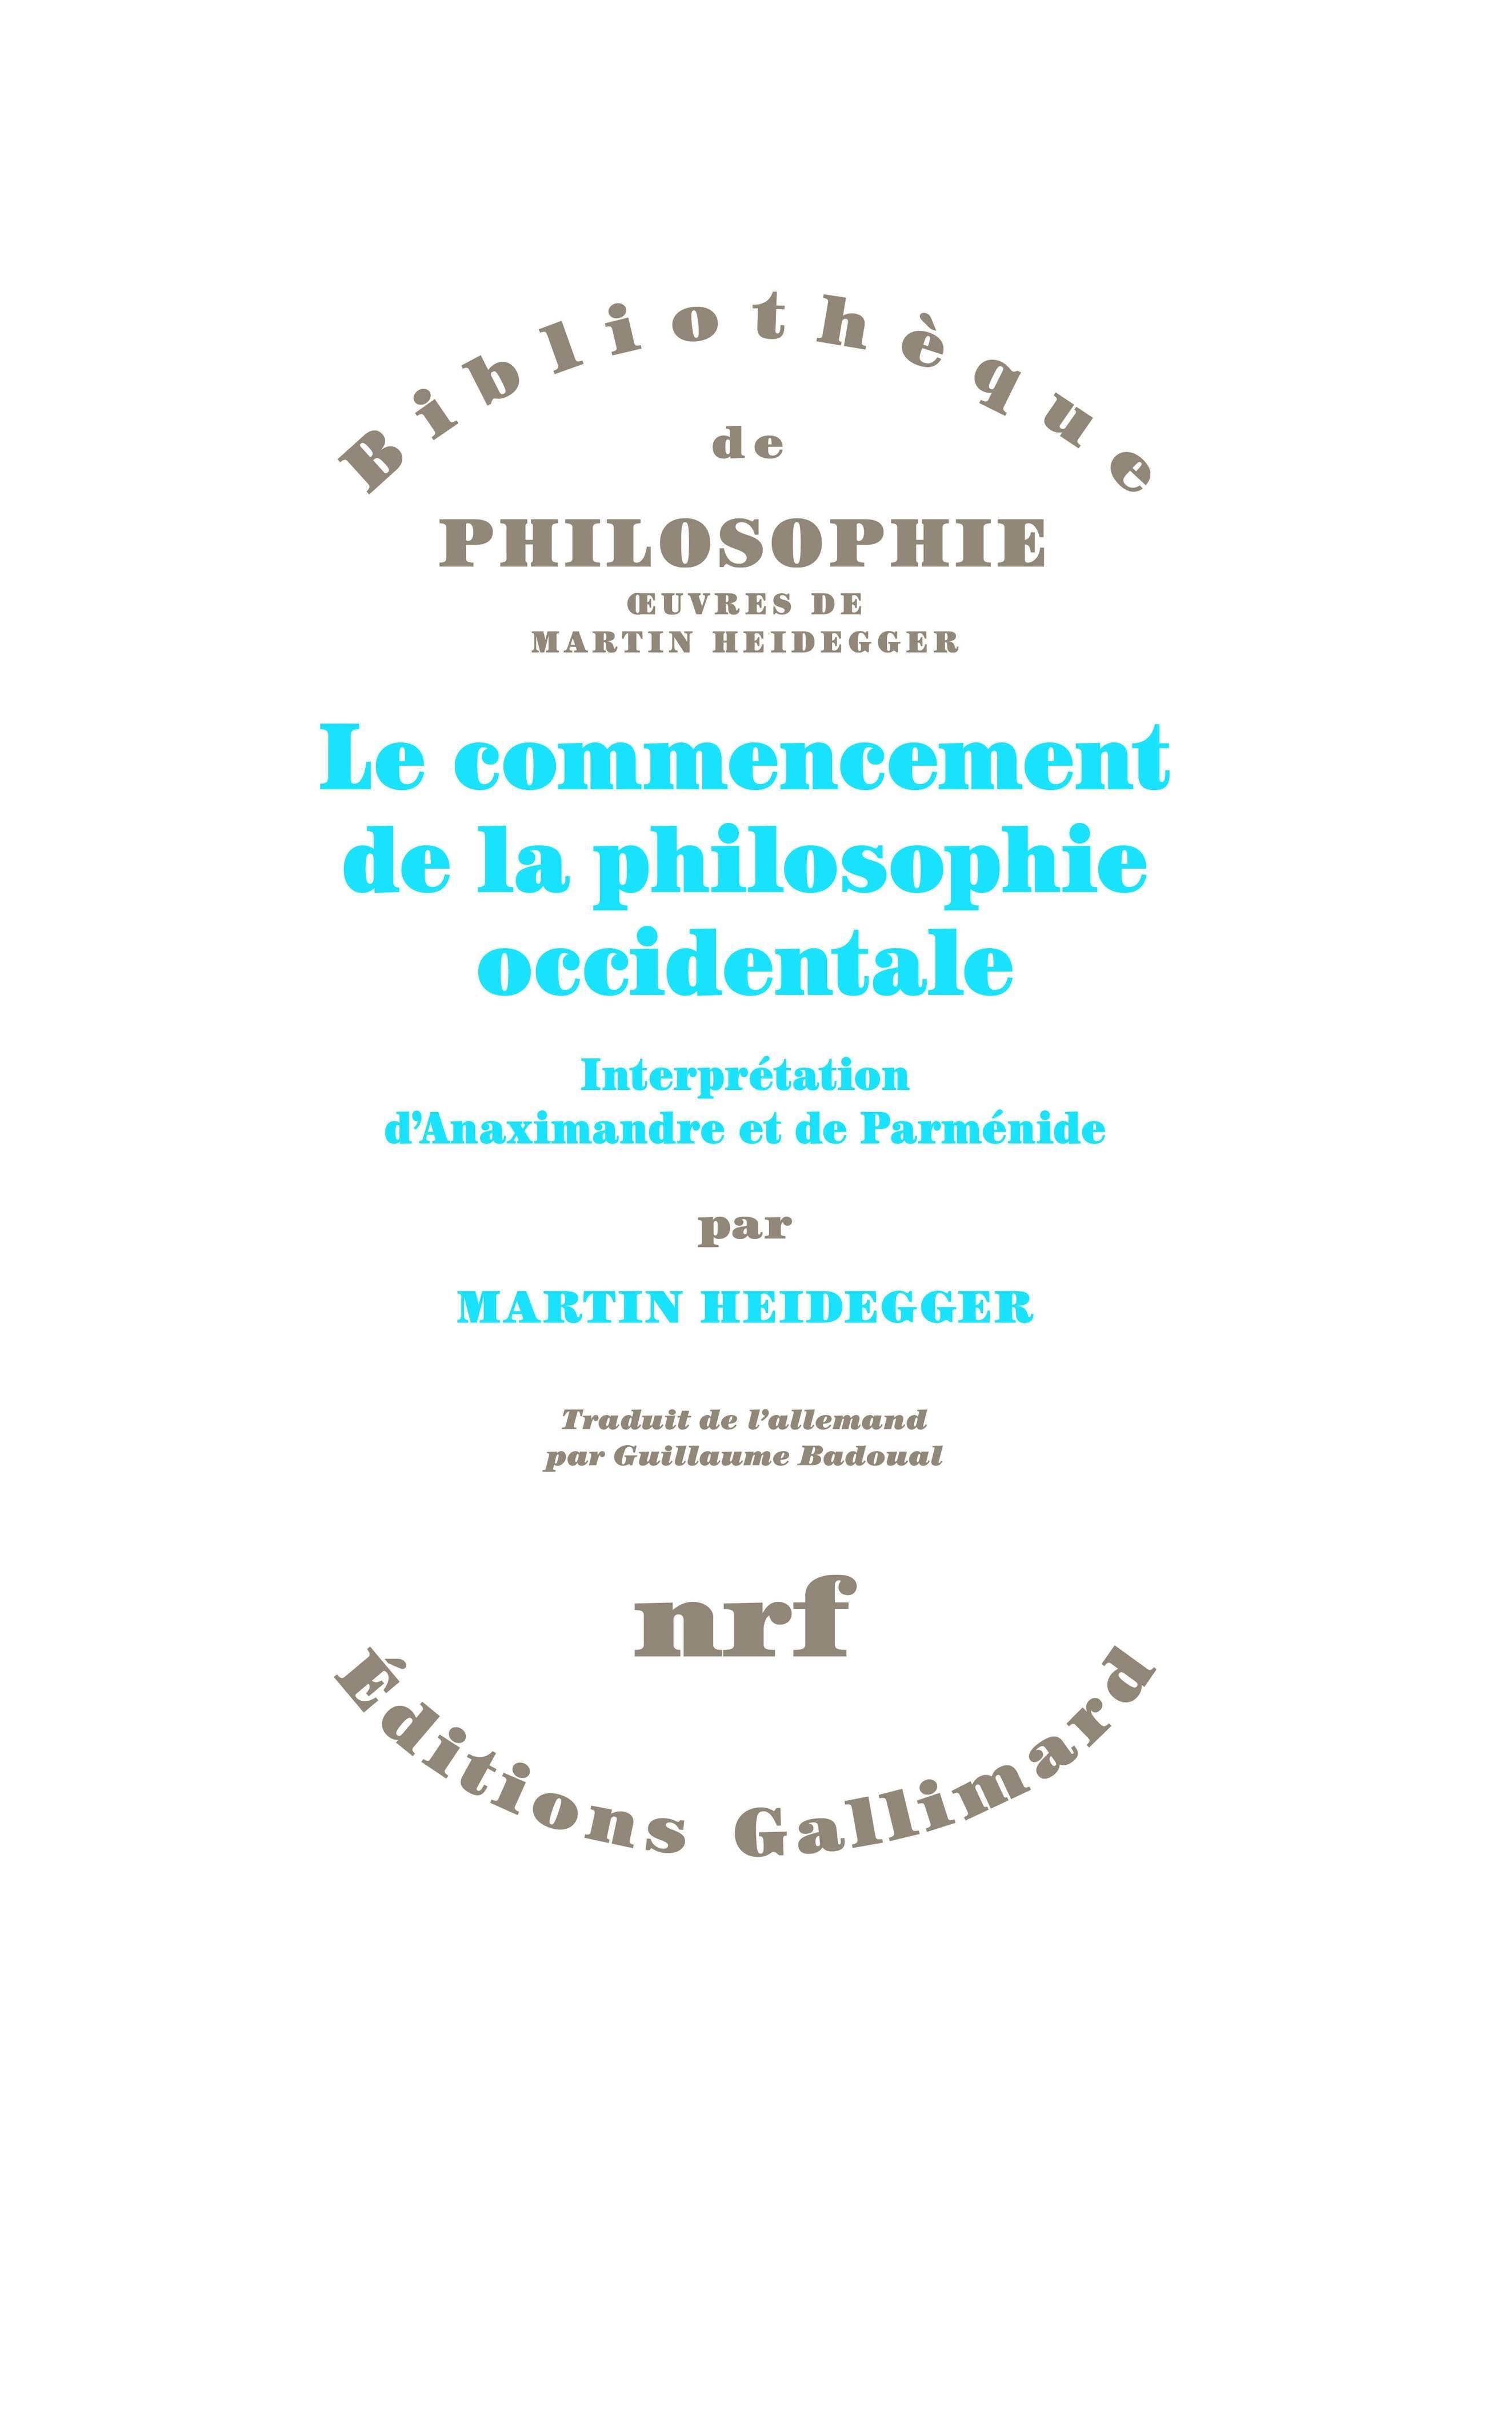 LE COMMENCEMENT DE LA PHILOSOPHIE OCCIDENTALE